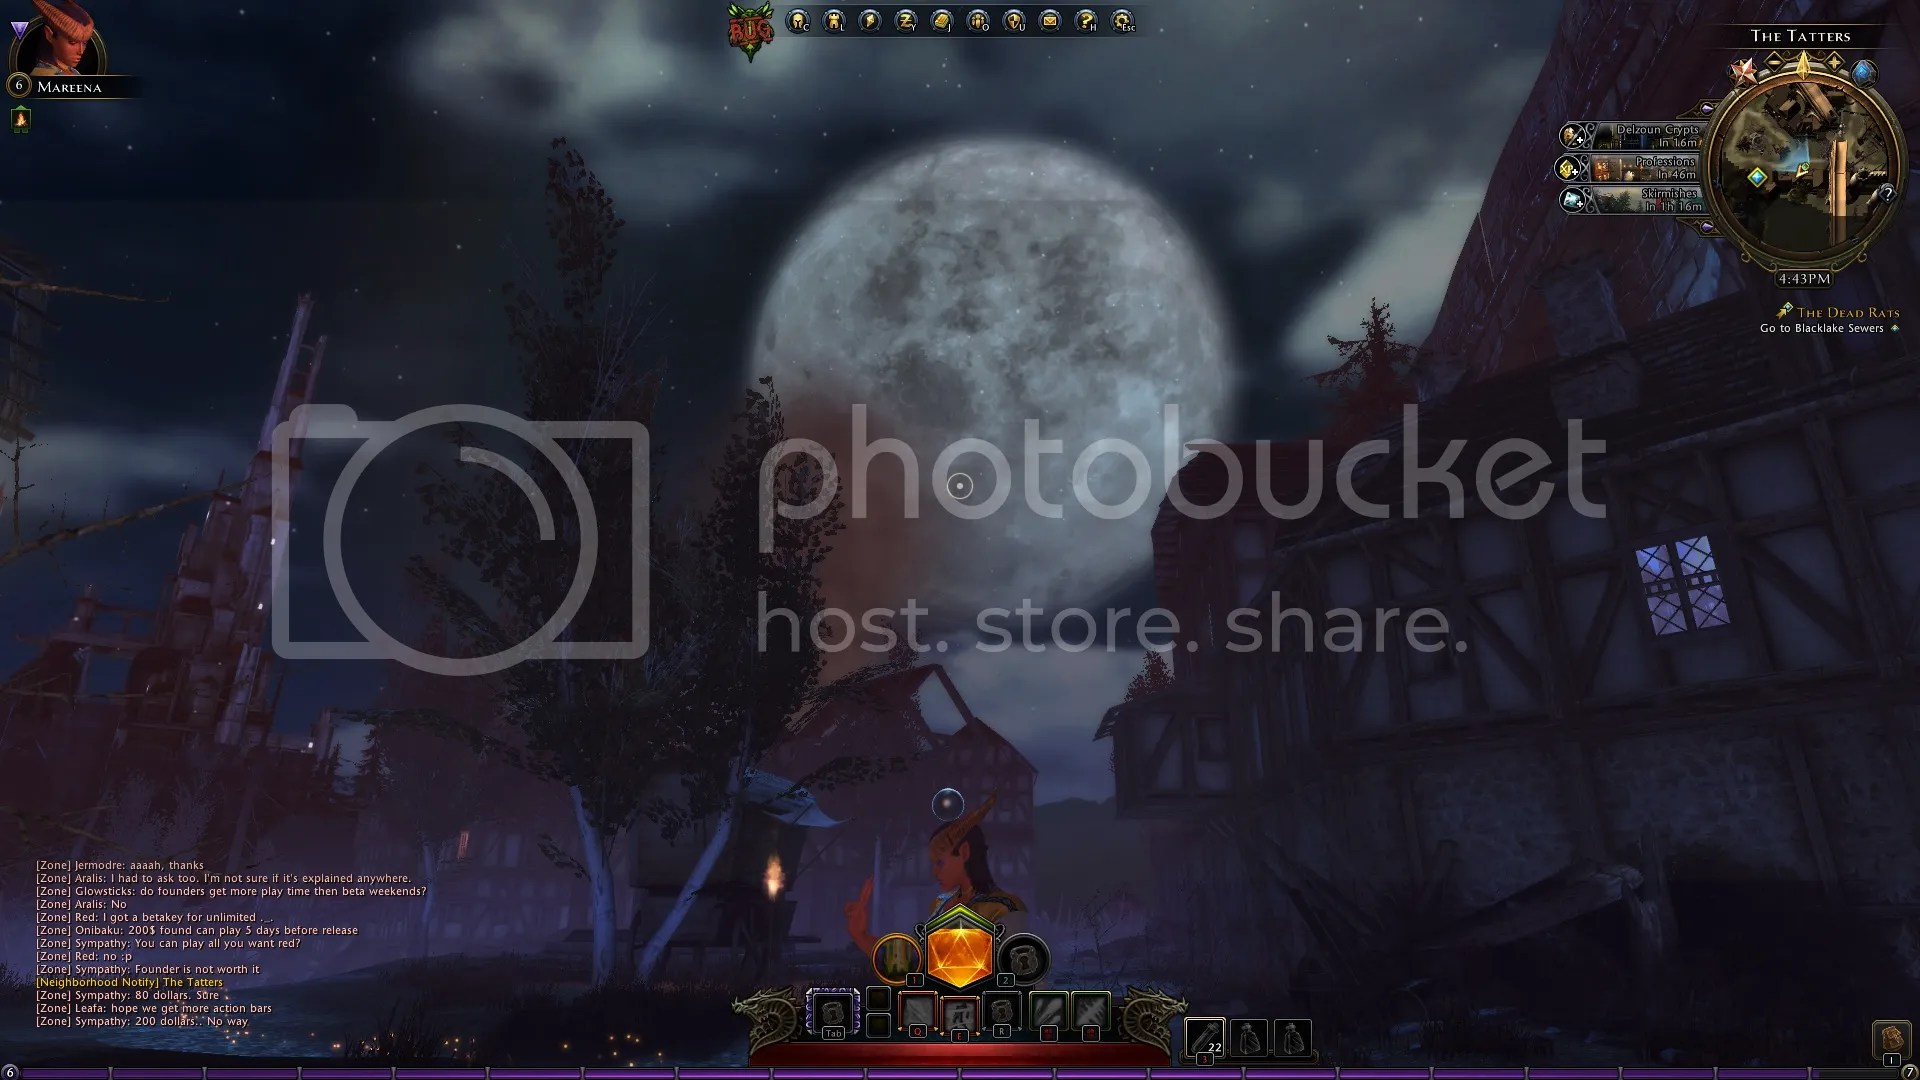 That is one huge, cruel, cruel moon.